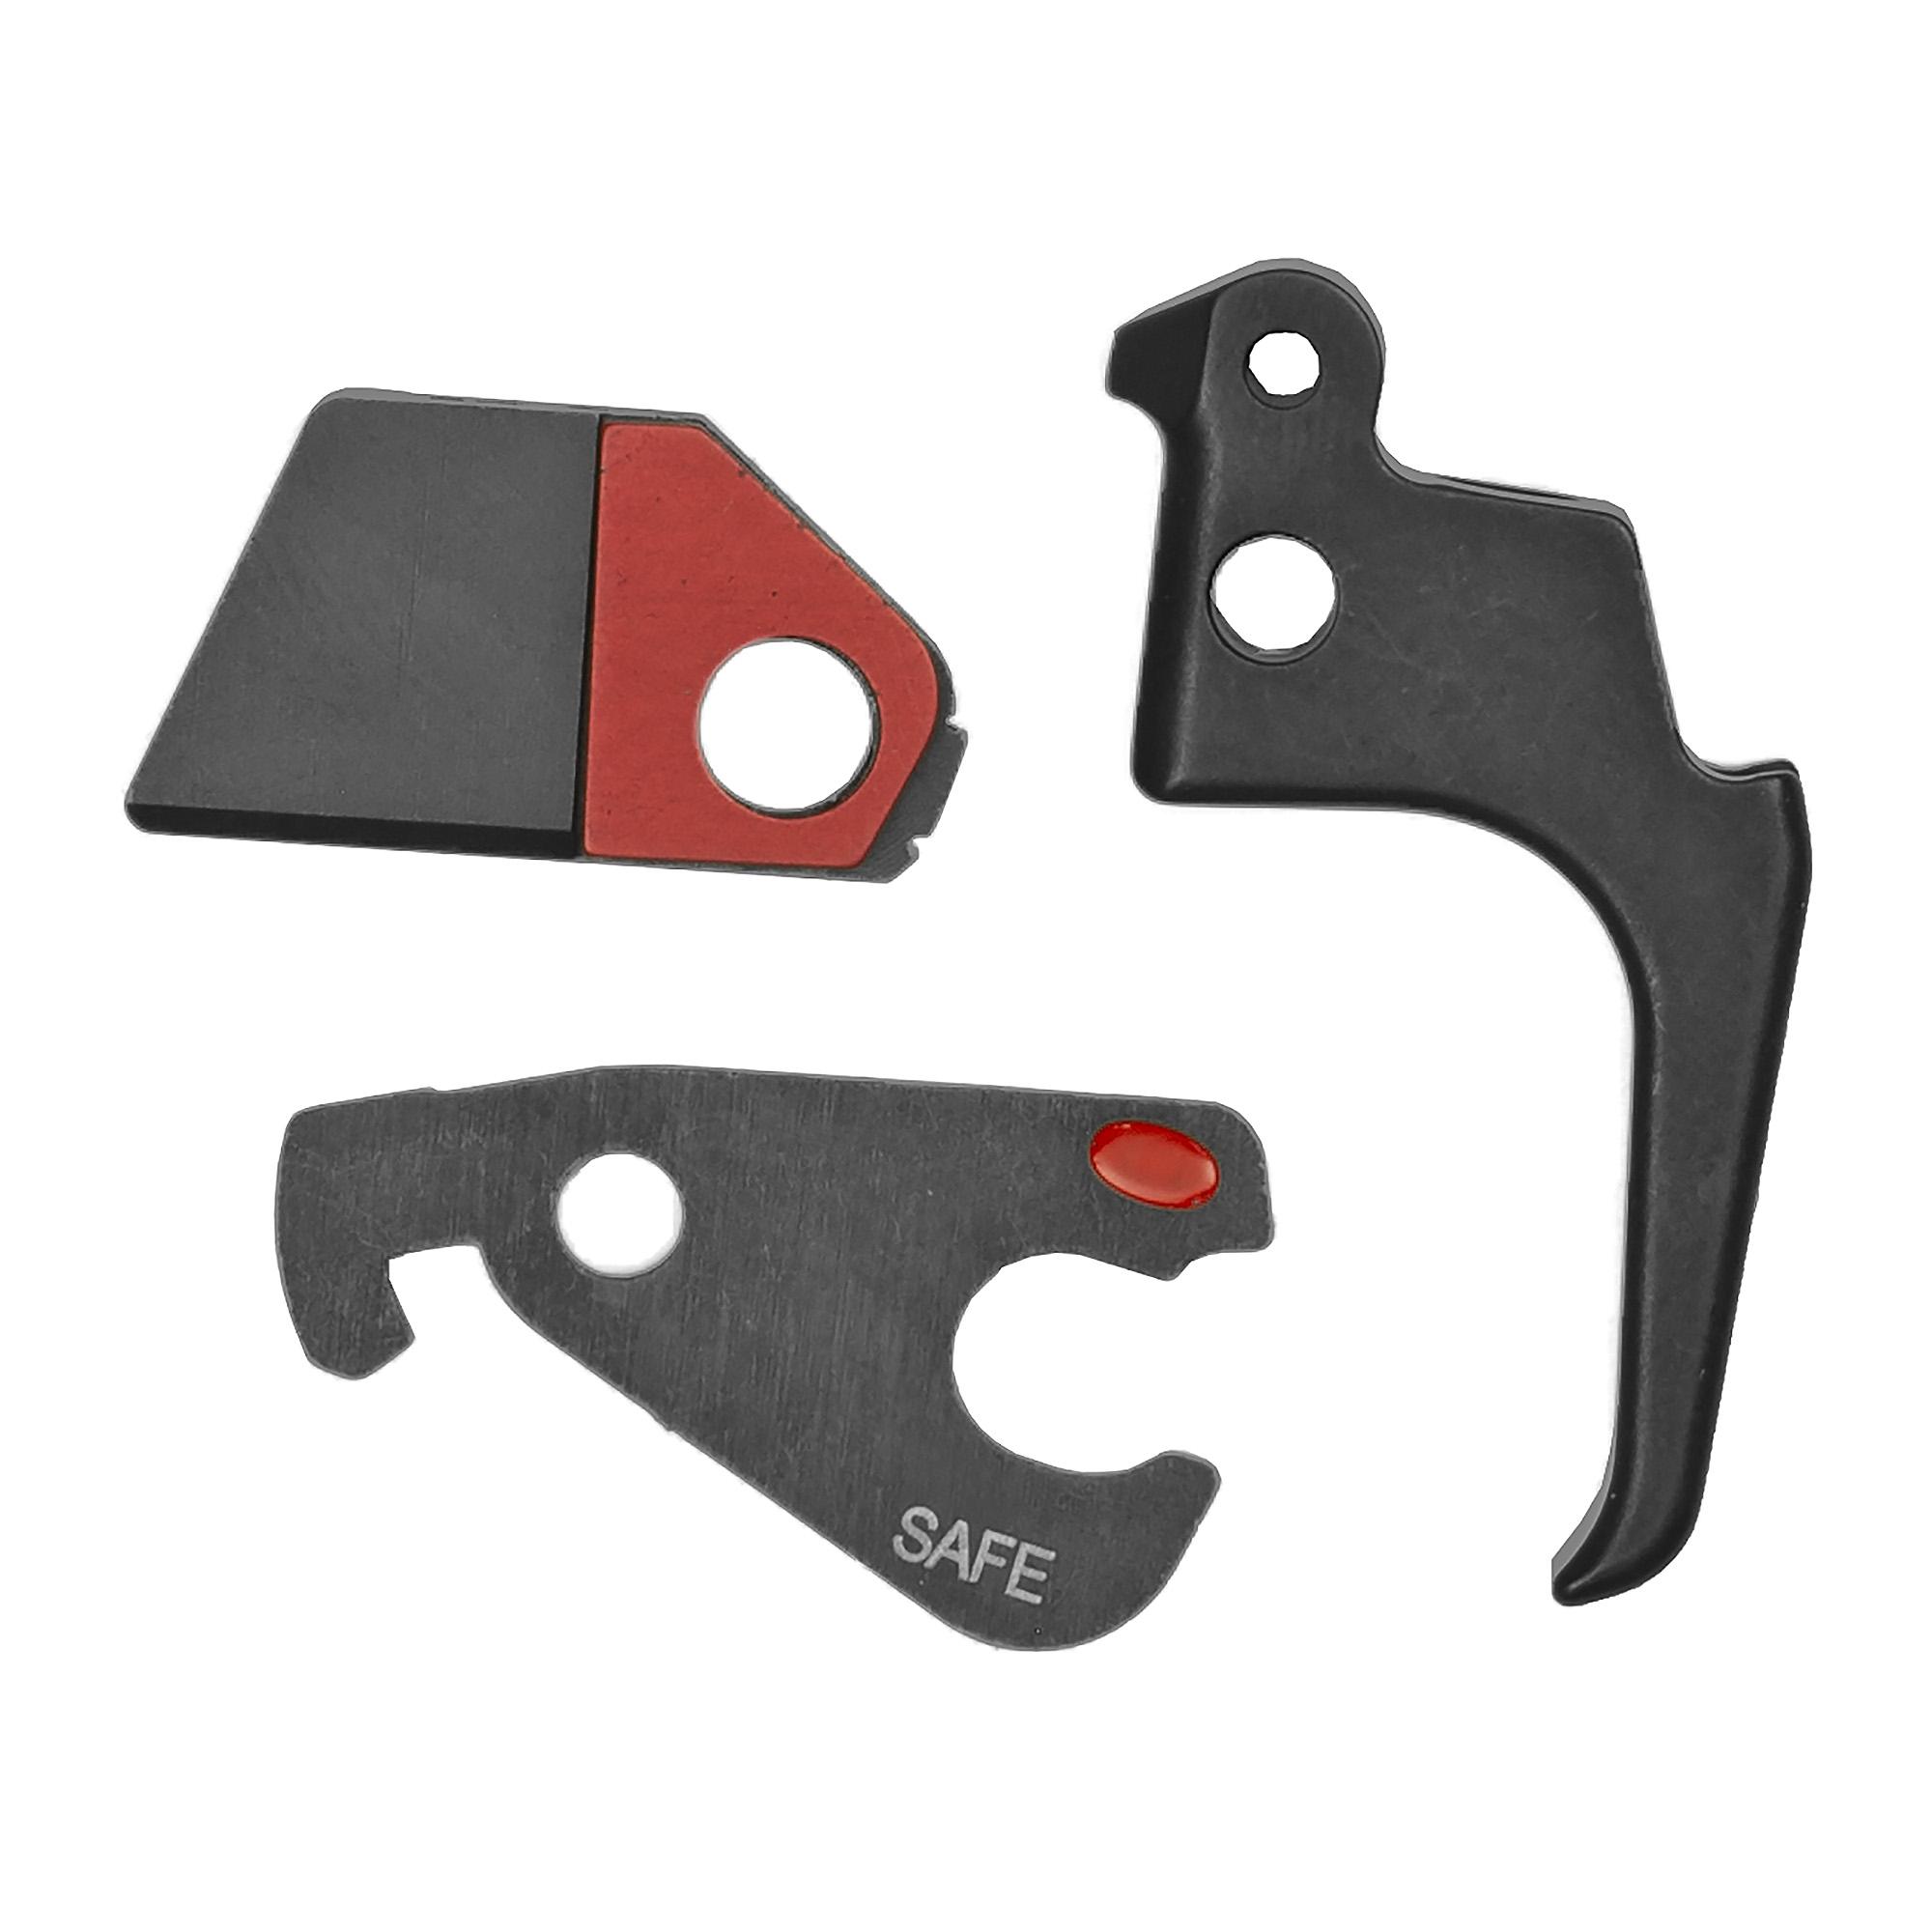 Apex Blk Ae Trg Kit Rug Mk-iv 22/45